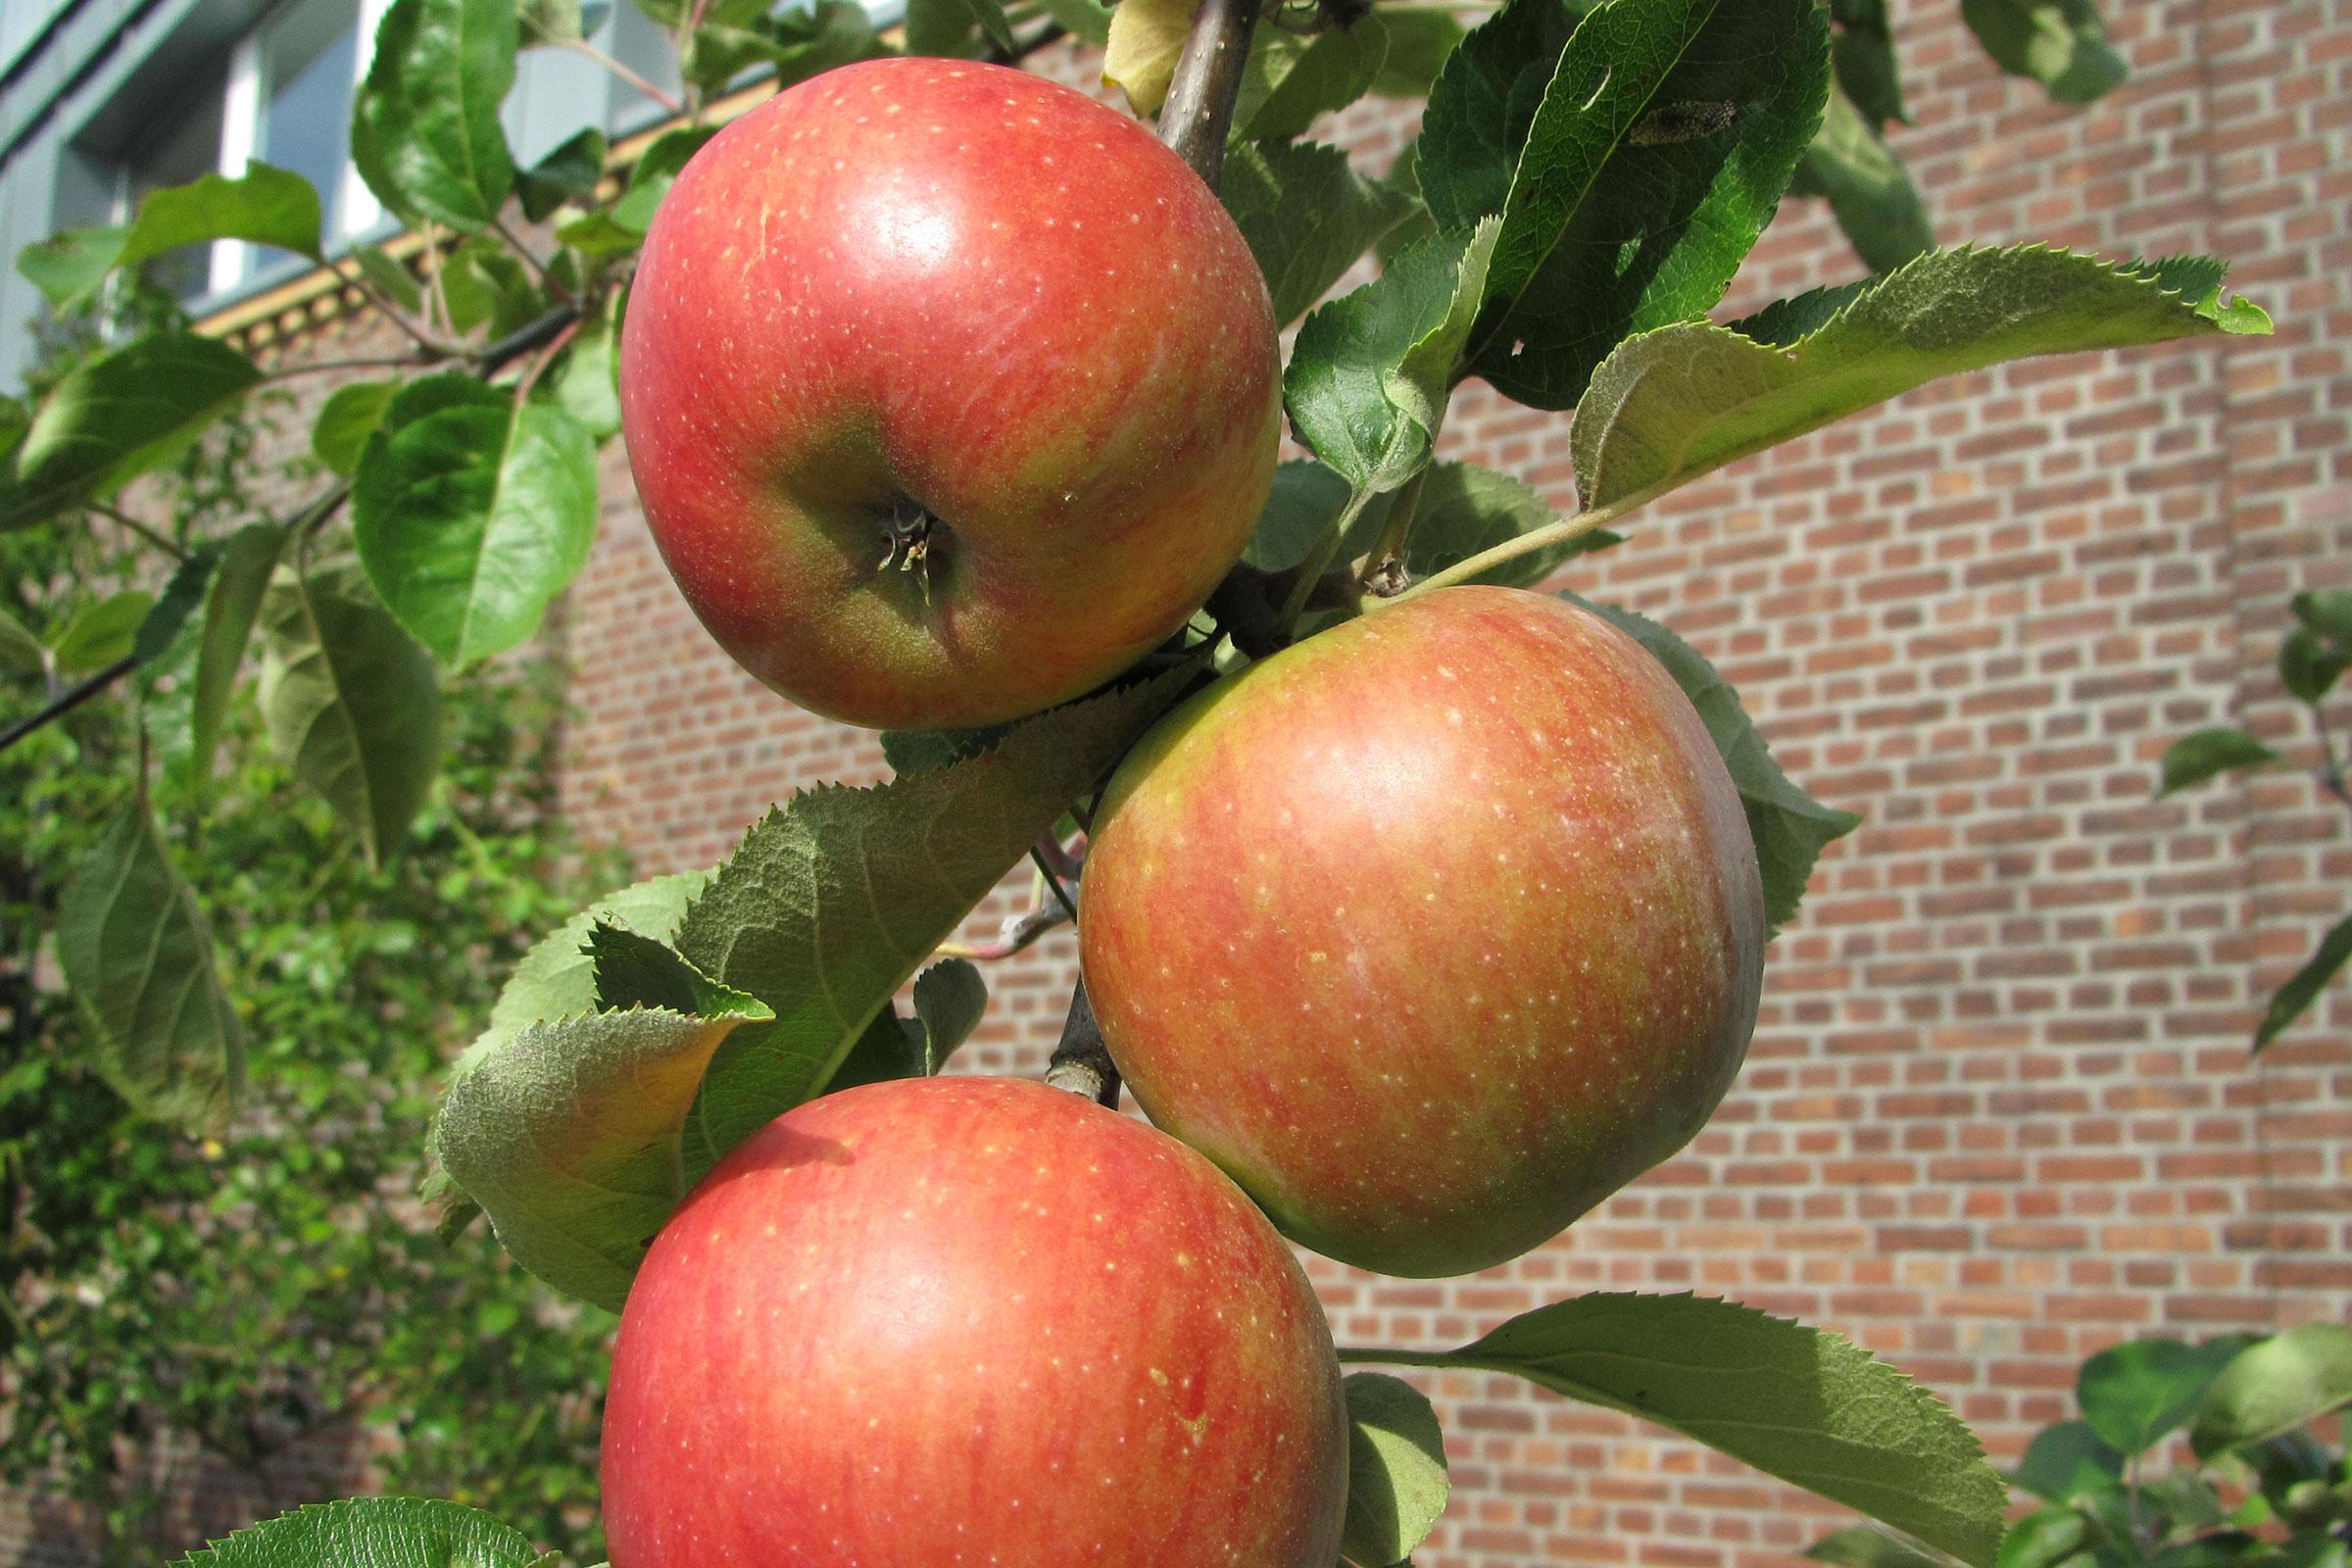 Obstgarten mit Apfelsorte Roter Eiserapfel